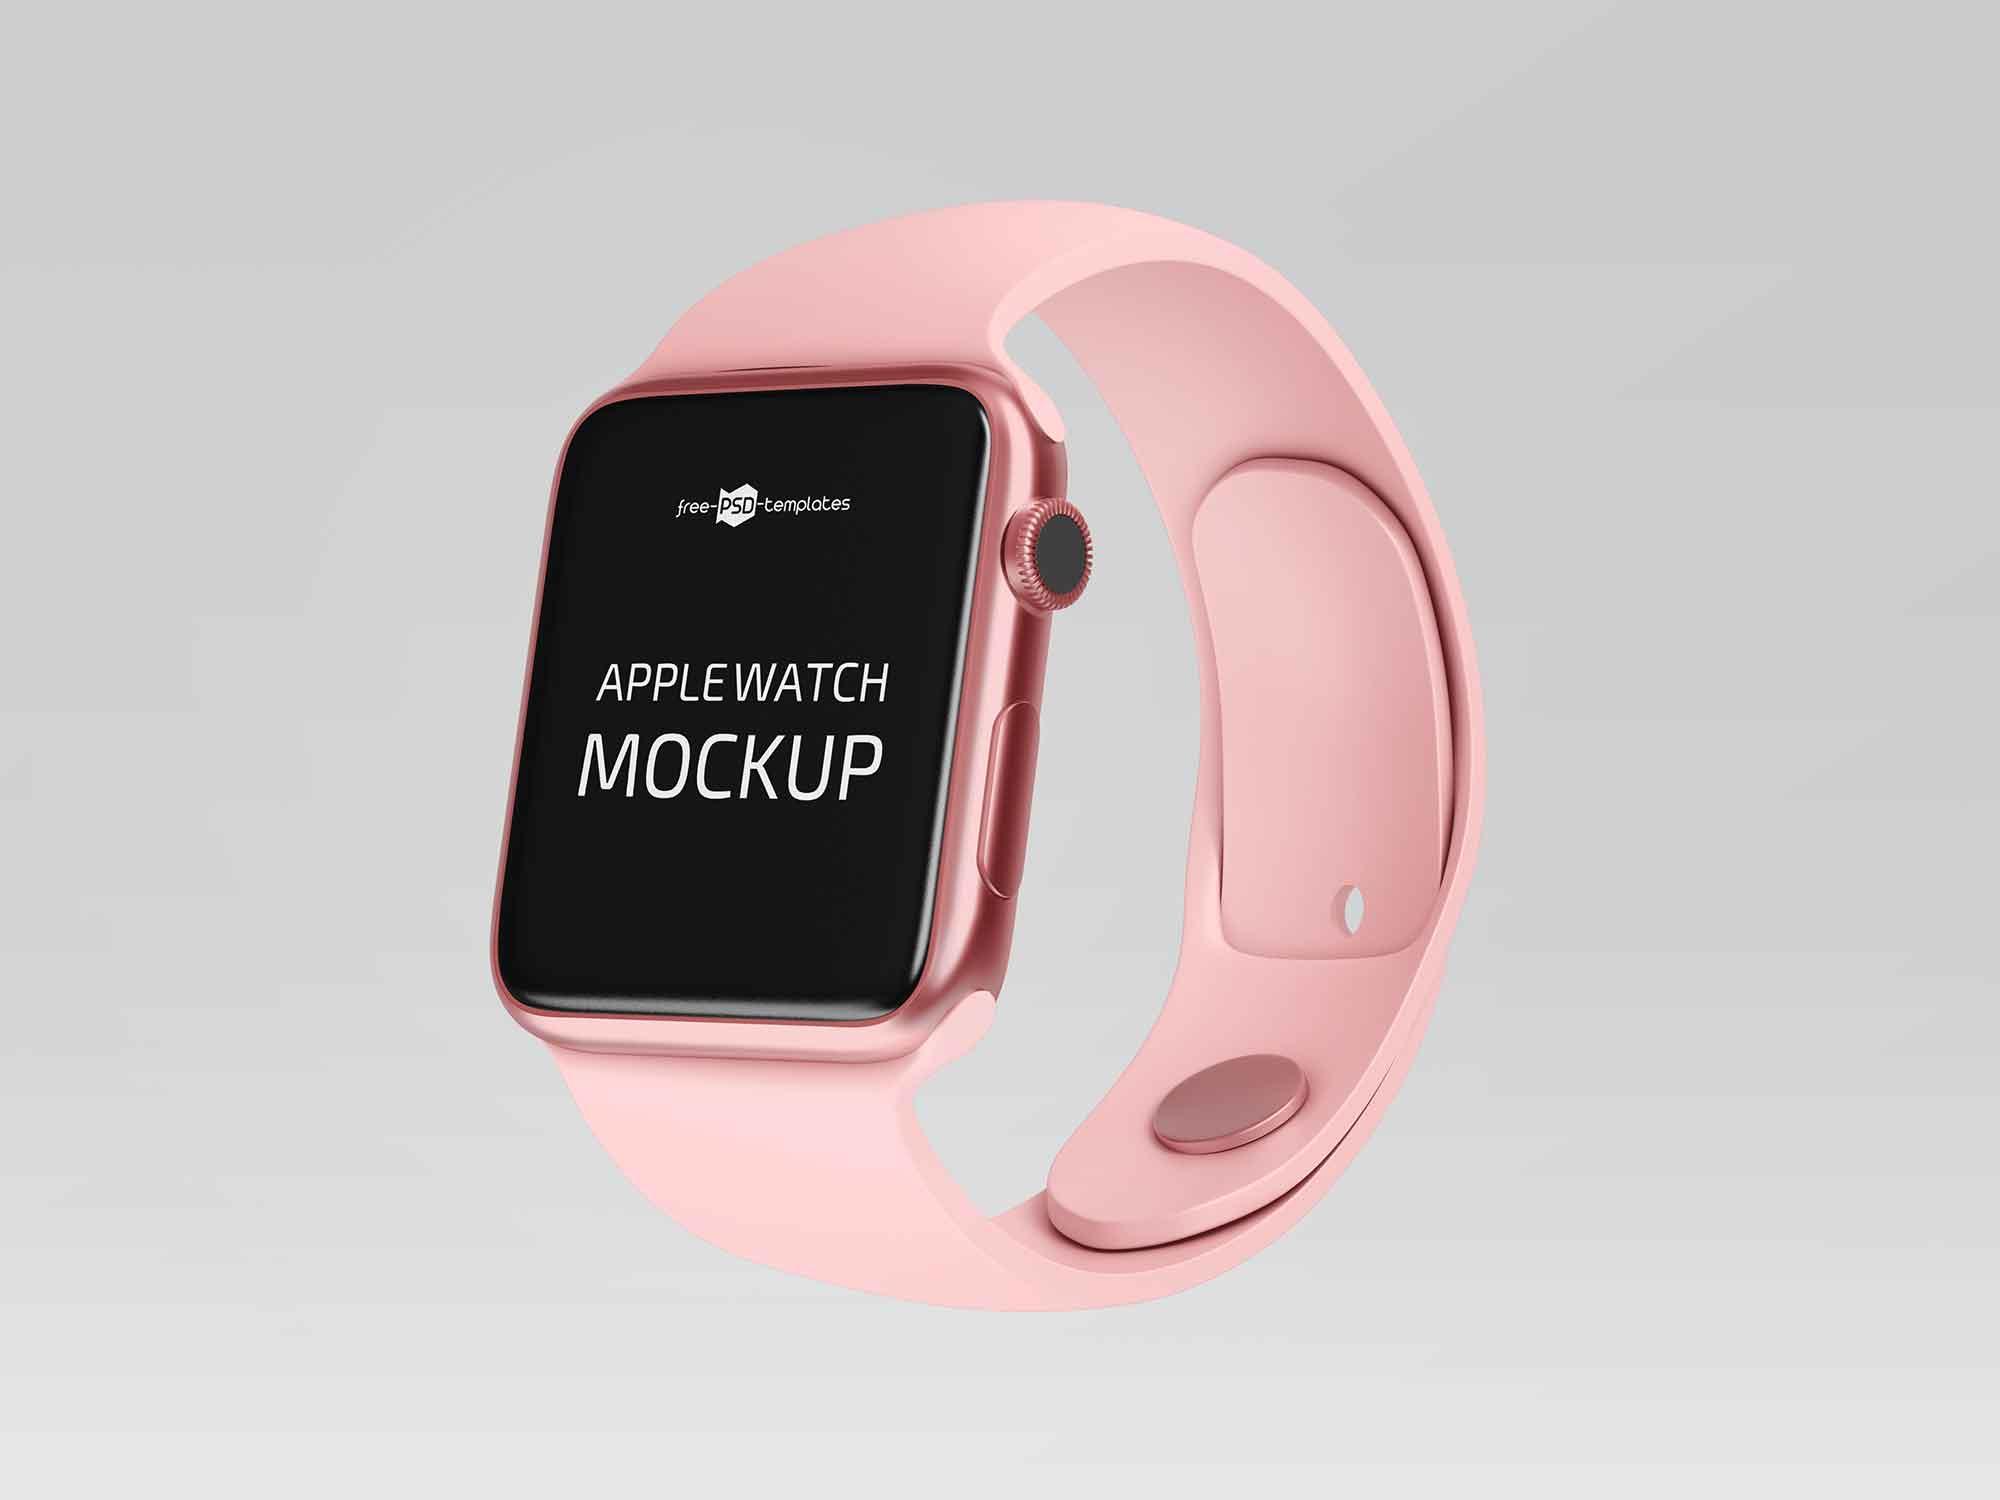 Apple Watch Mockup 2